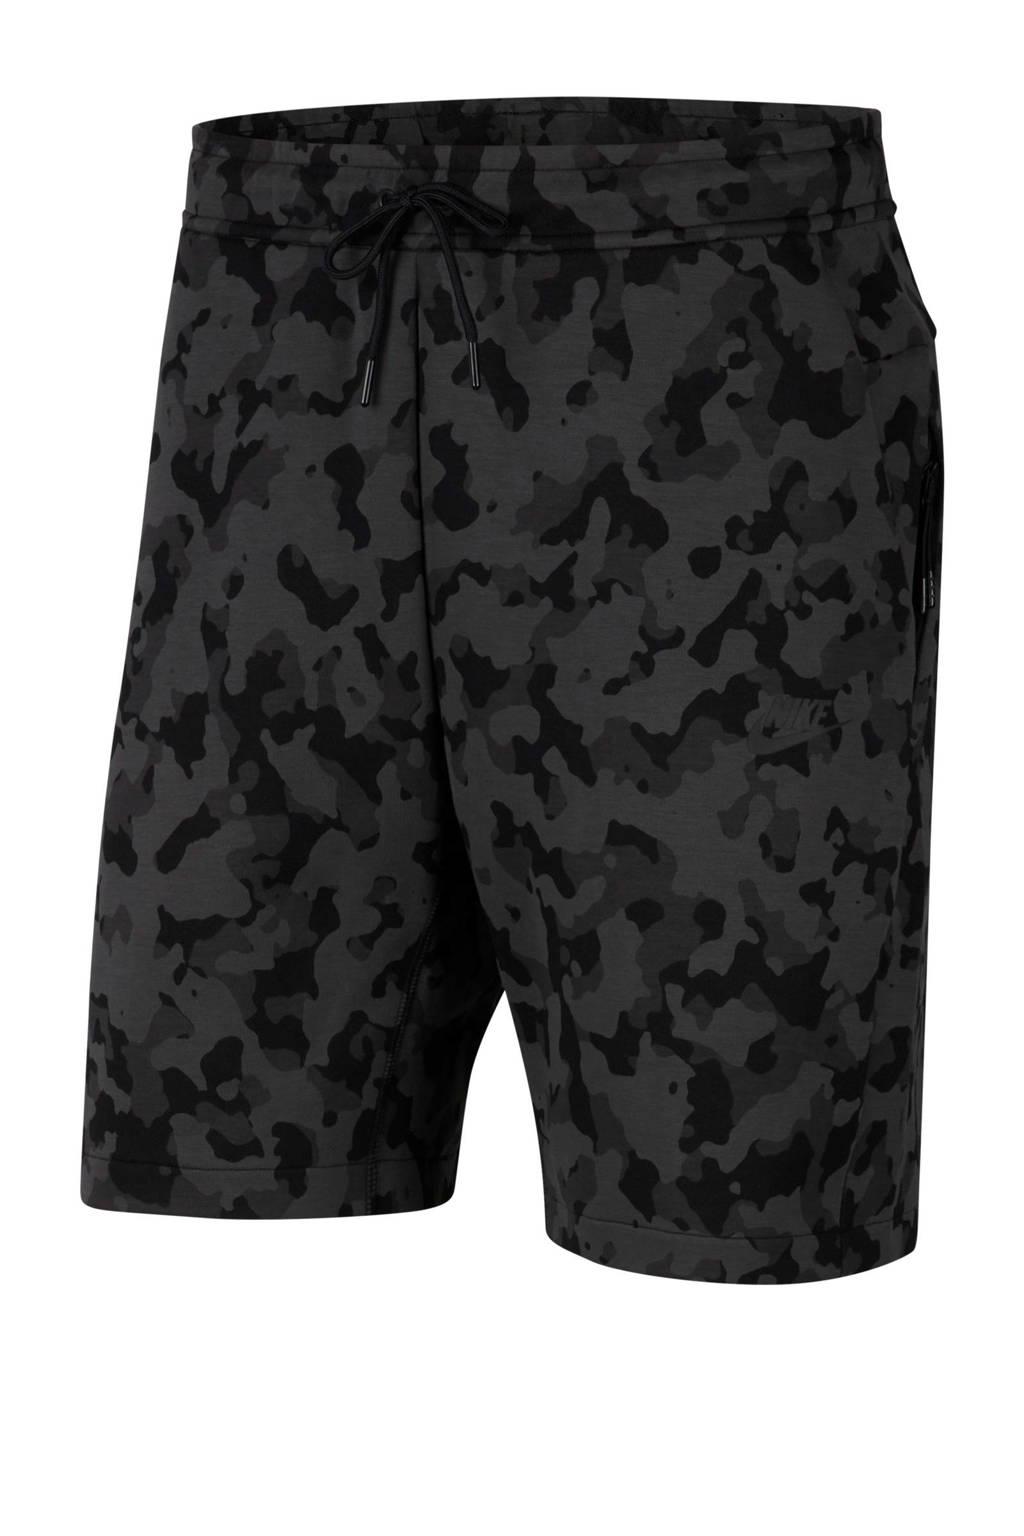 Nike   sweatshort antraciet/zwart, Antraciet/zwart